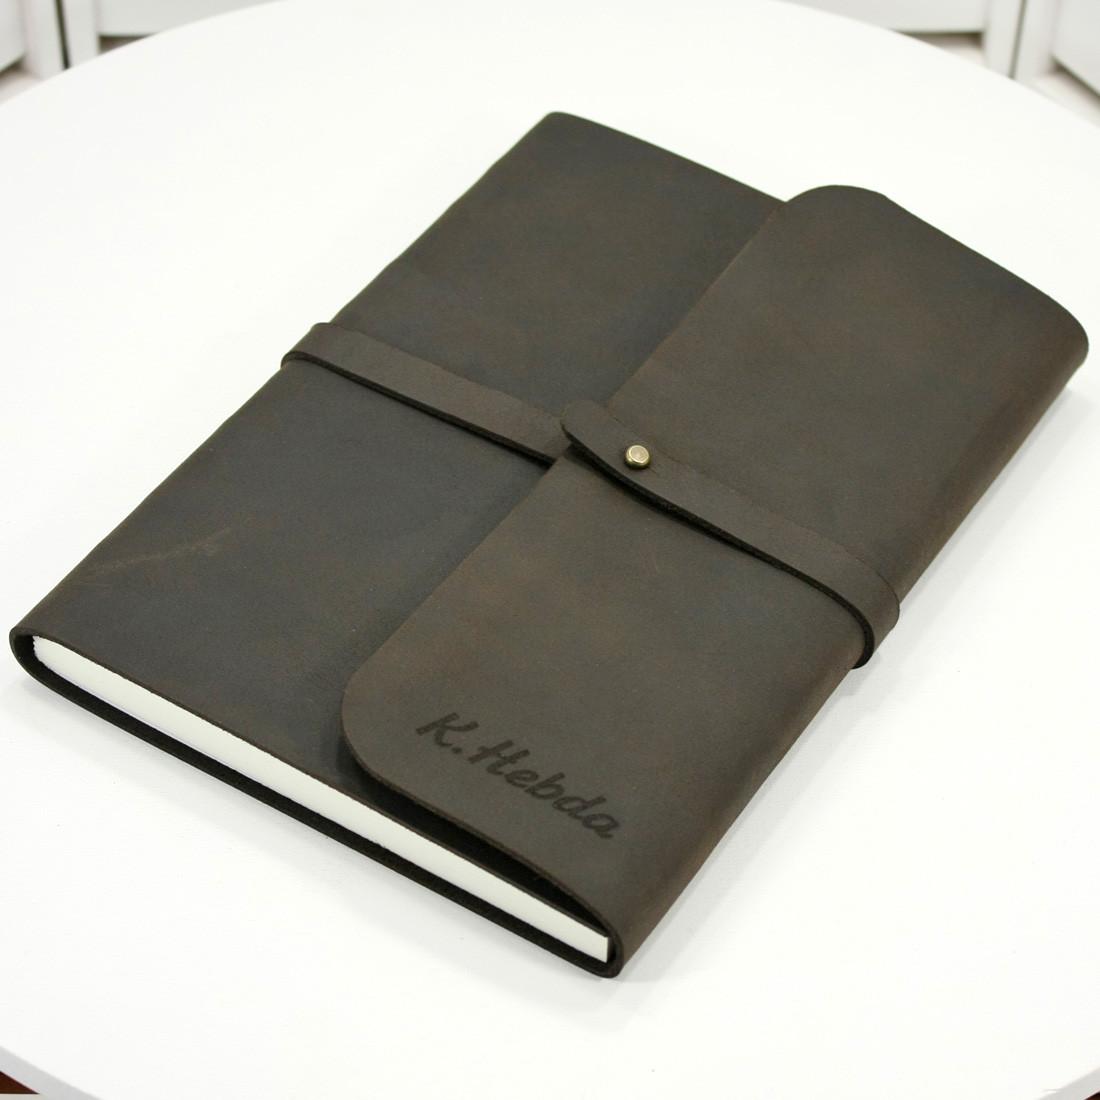 Кожаная записная книжка M (A5). Блокнот в мягком переплёте из нат. кожи с лазерной гравировкой. Ручная работа